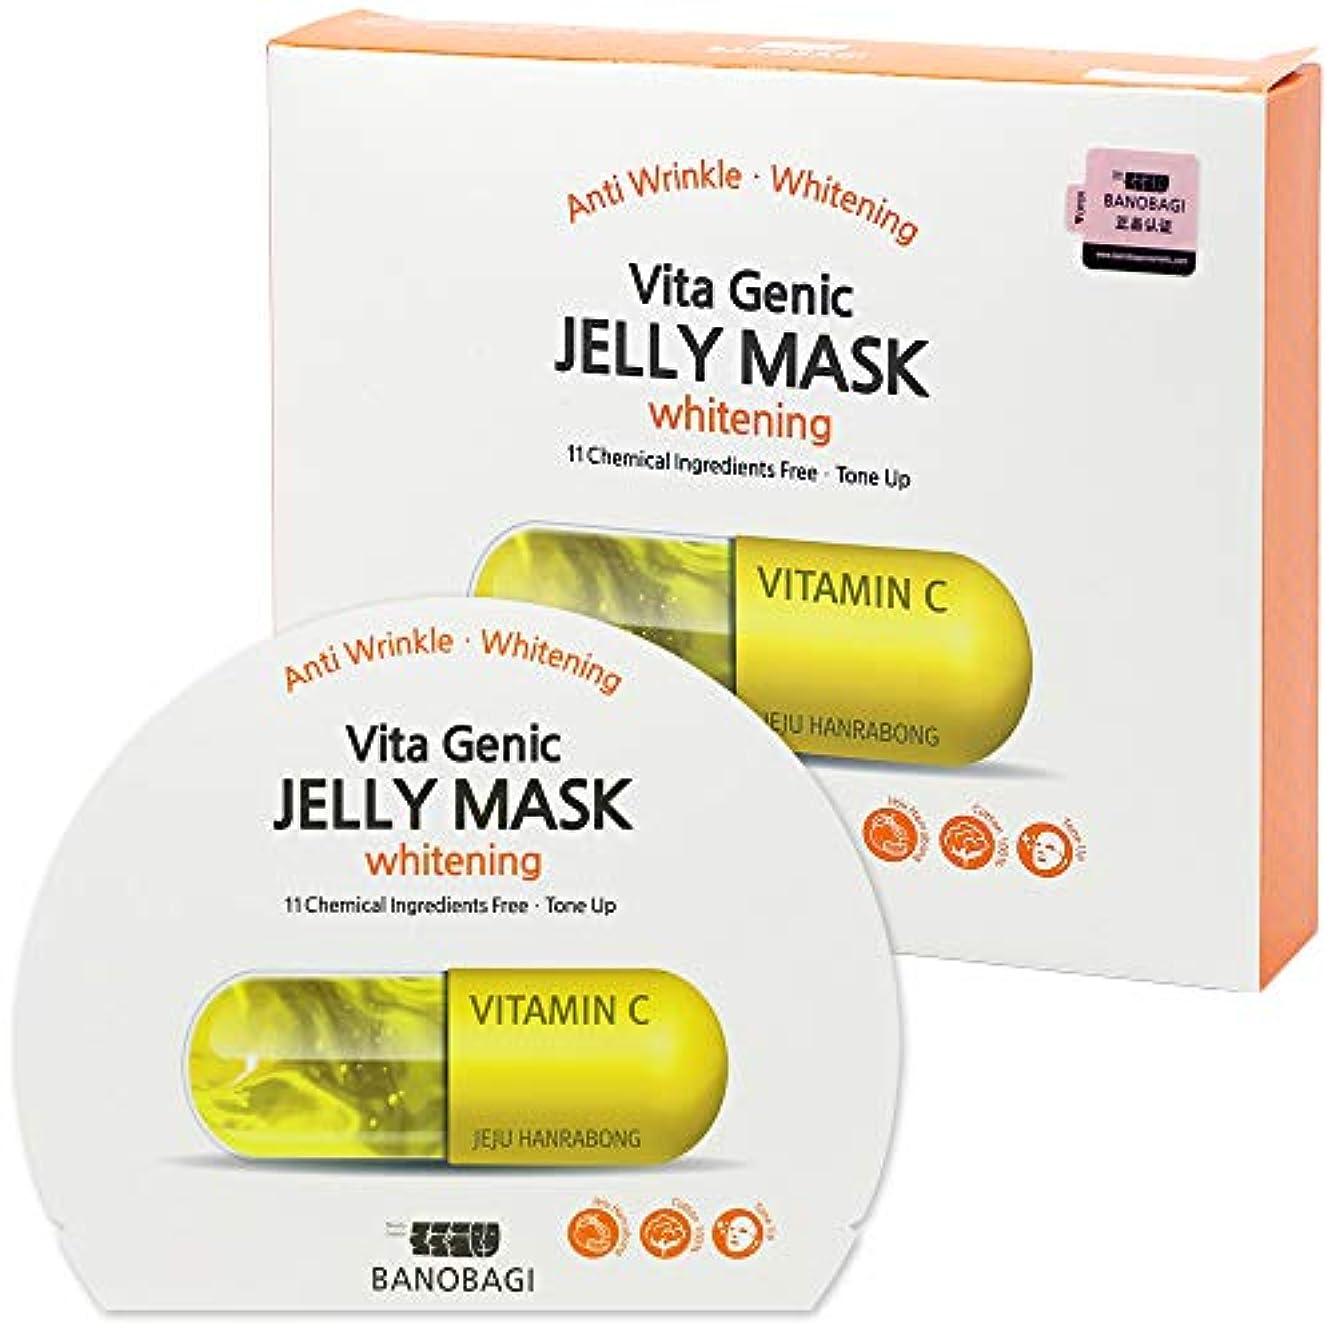 味流産可愛いバナバギ[BANOBAGI] ヴィータジェニックゼリーマスク★ホワイトニング(黄色)30mlx10P / Vita Genic Jelly Mask (Whitening-Yellow)